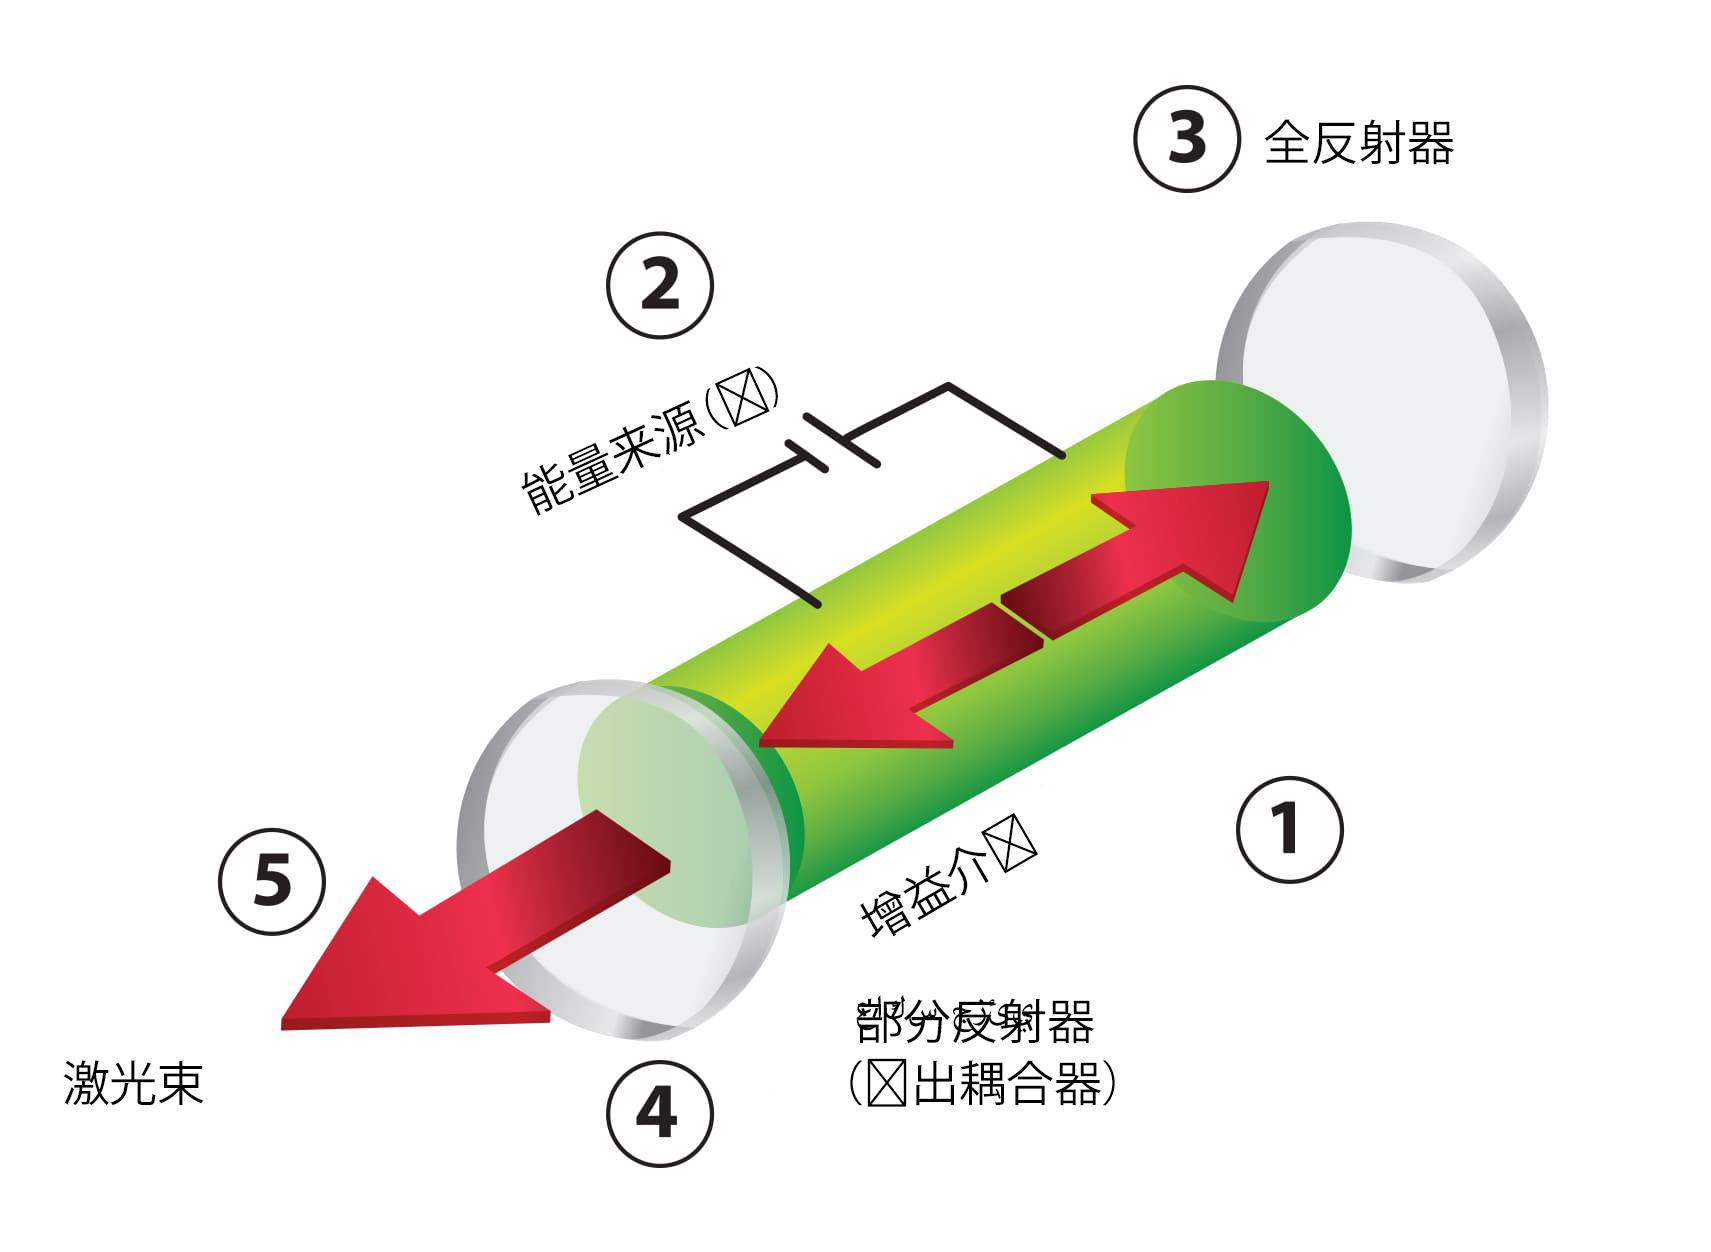 激光器示意图